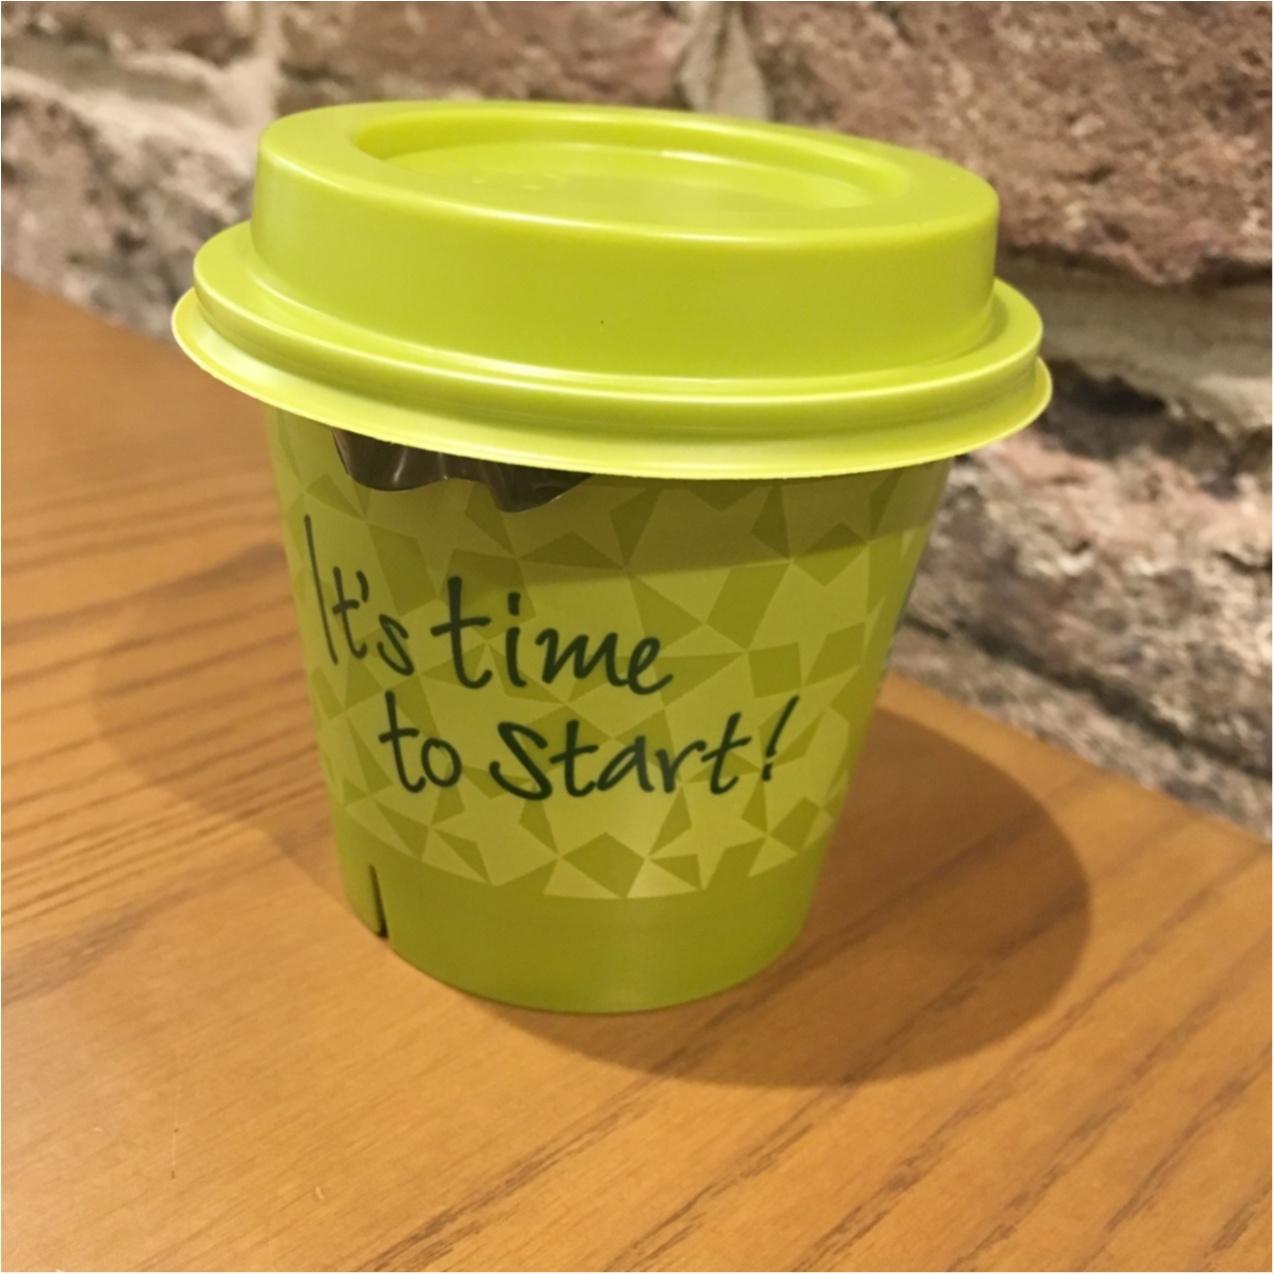 【 売り切れ必至!?】スターバックスのプリンに期間限定で抹茶が仲間入り♪ とろけるプリンのお味は…♡_5